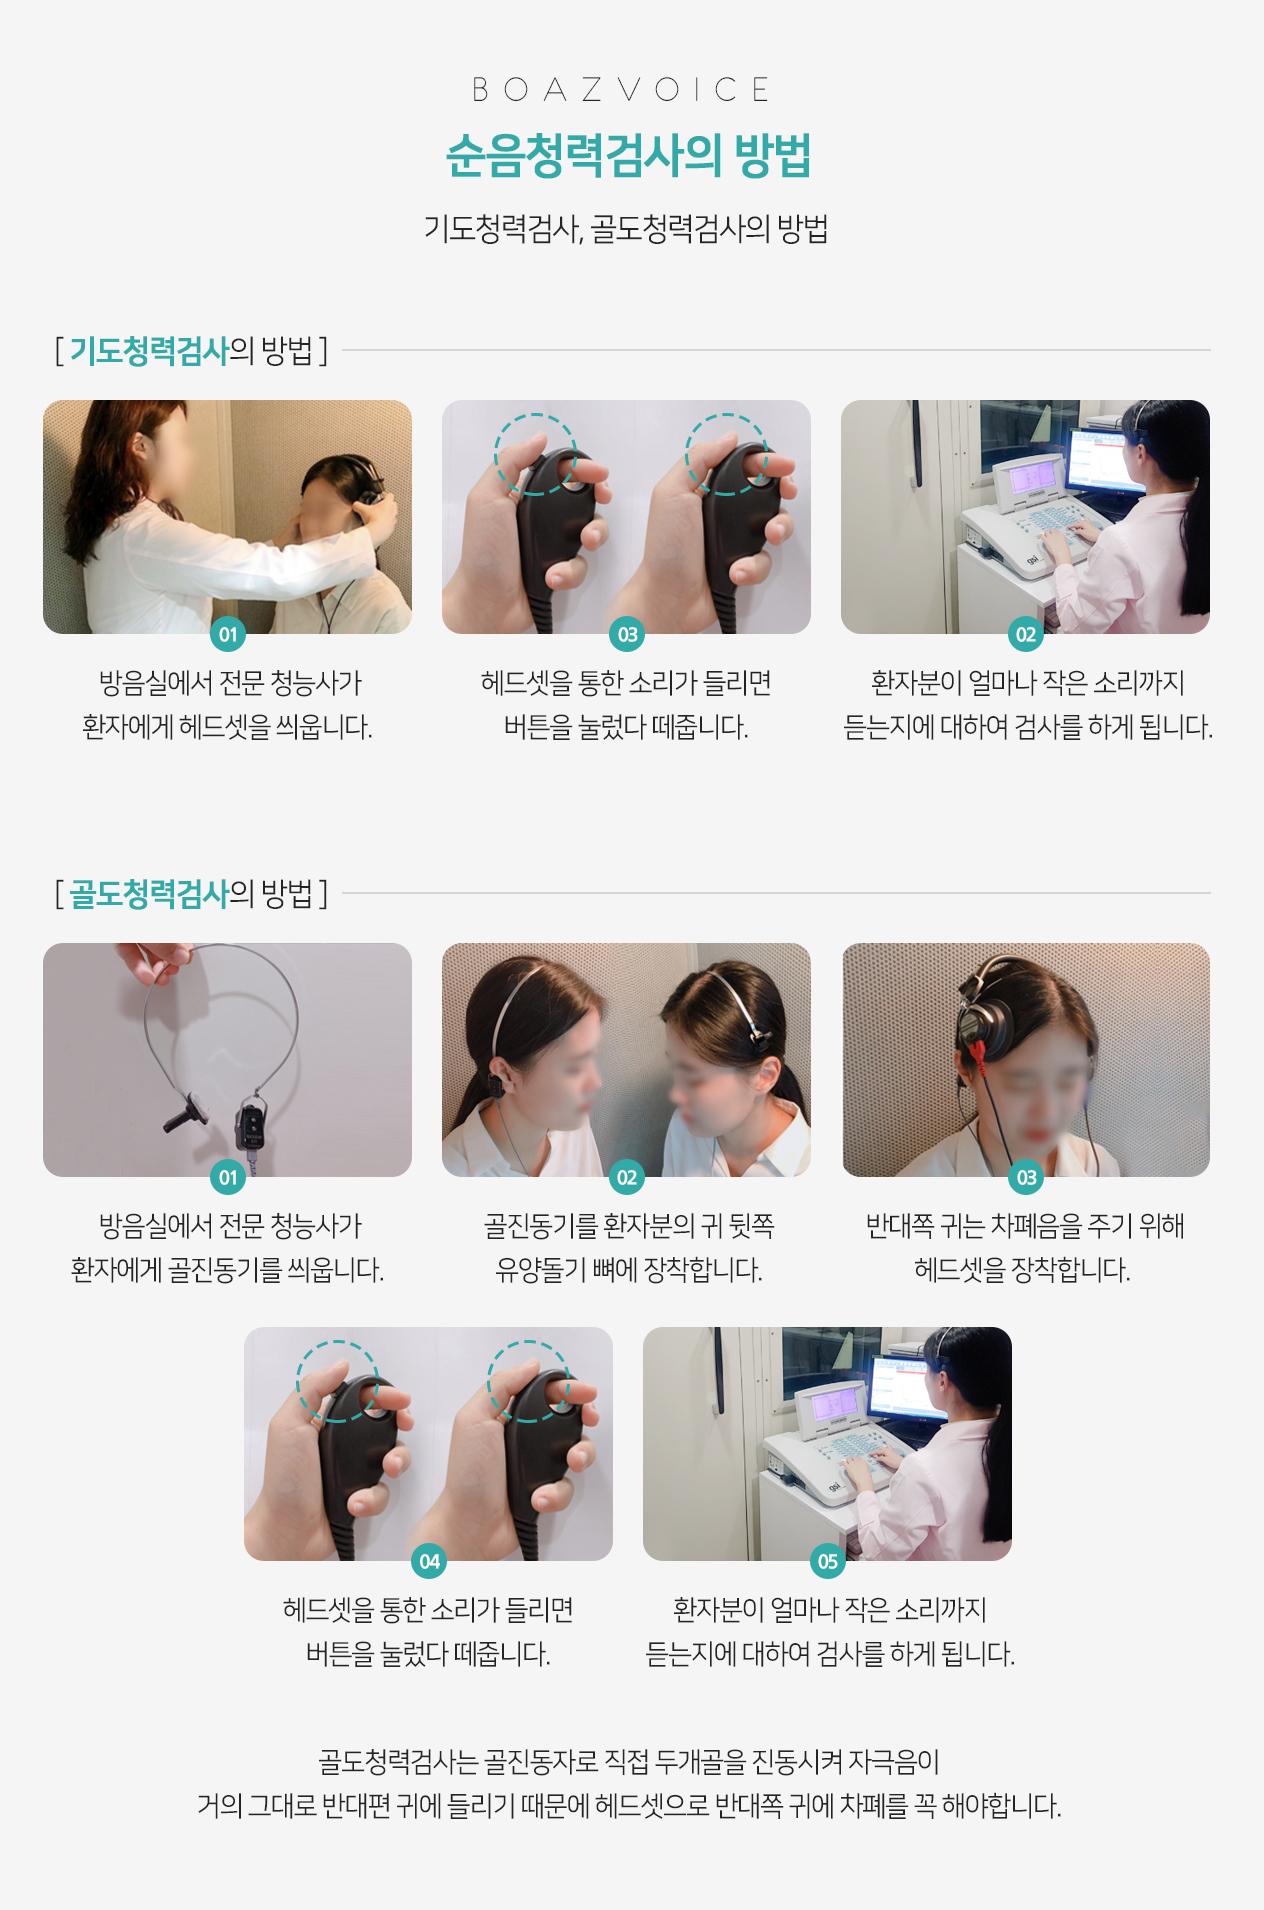 순음청력검사(기도청력검사,골도청력검사)의 방법